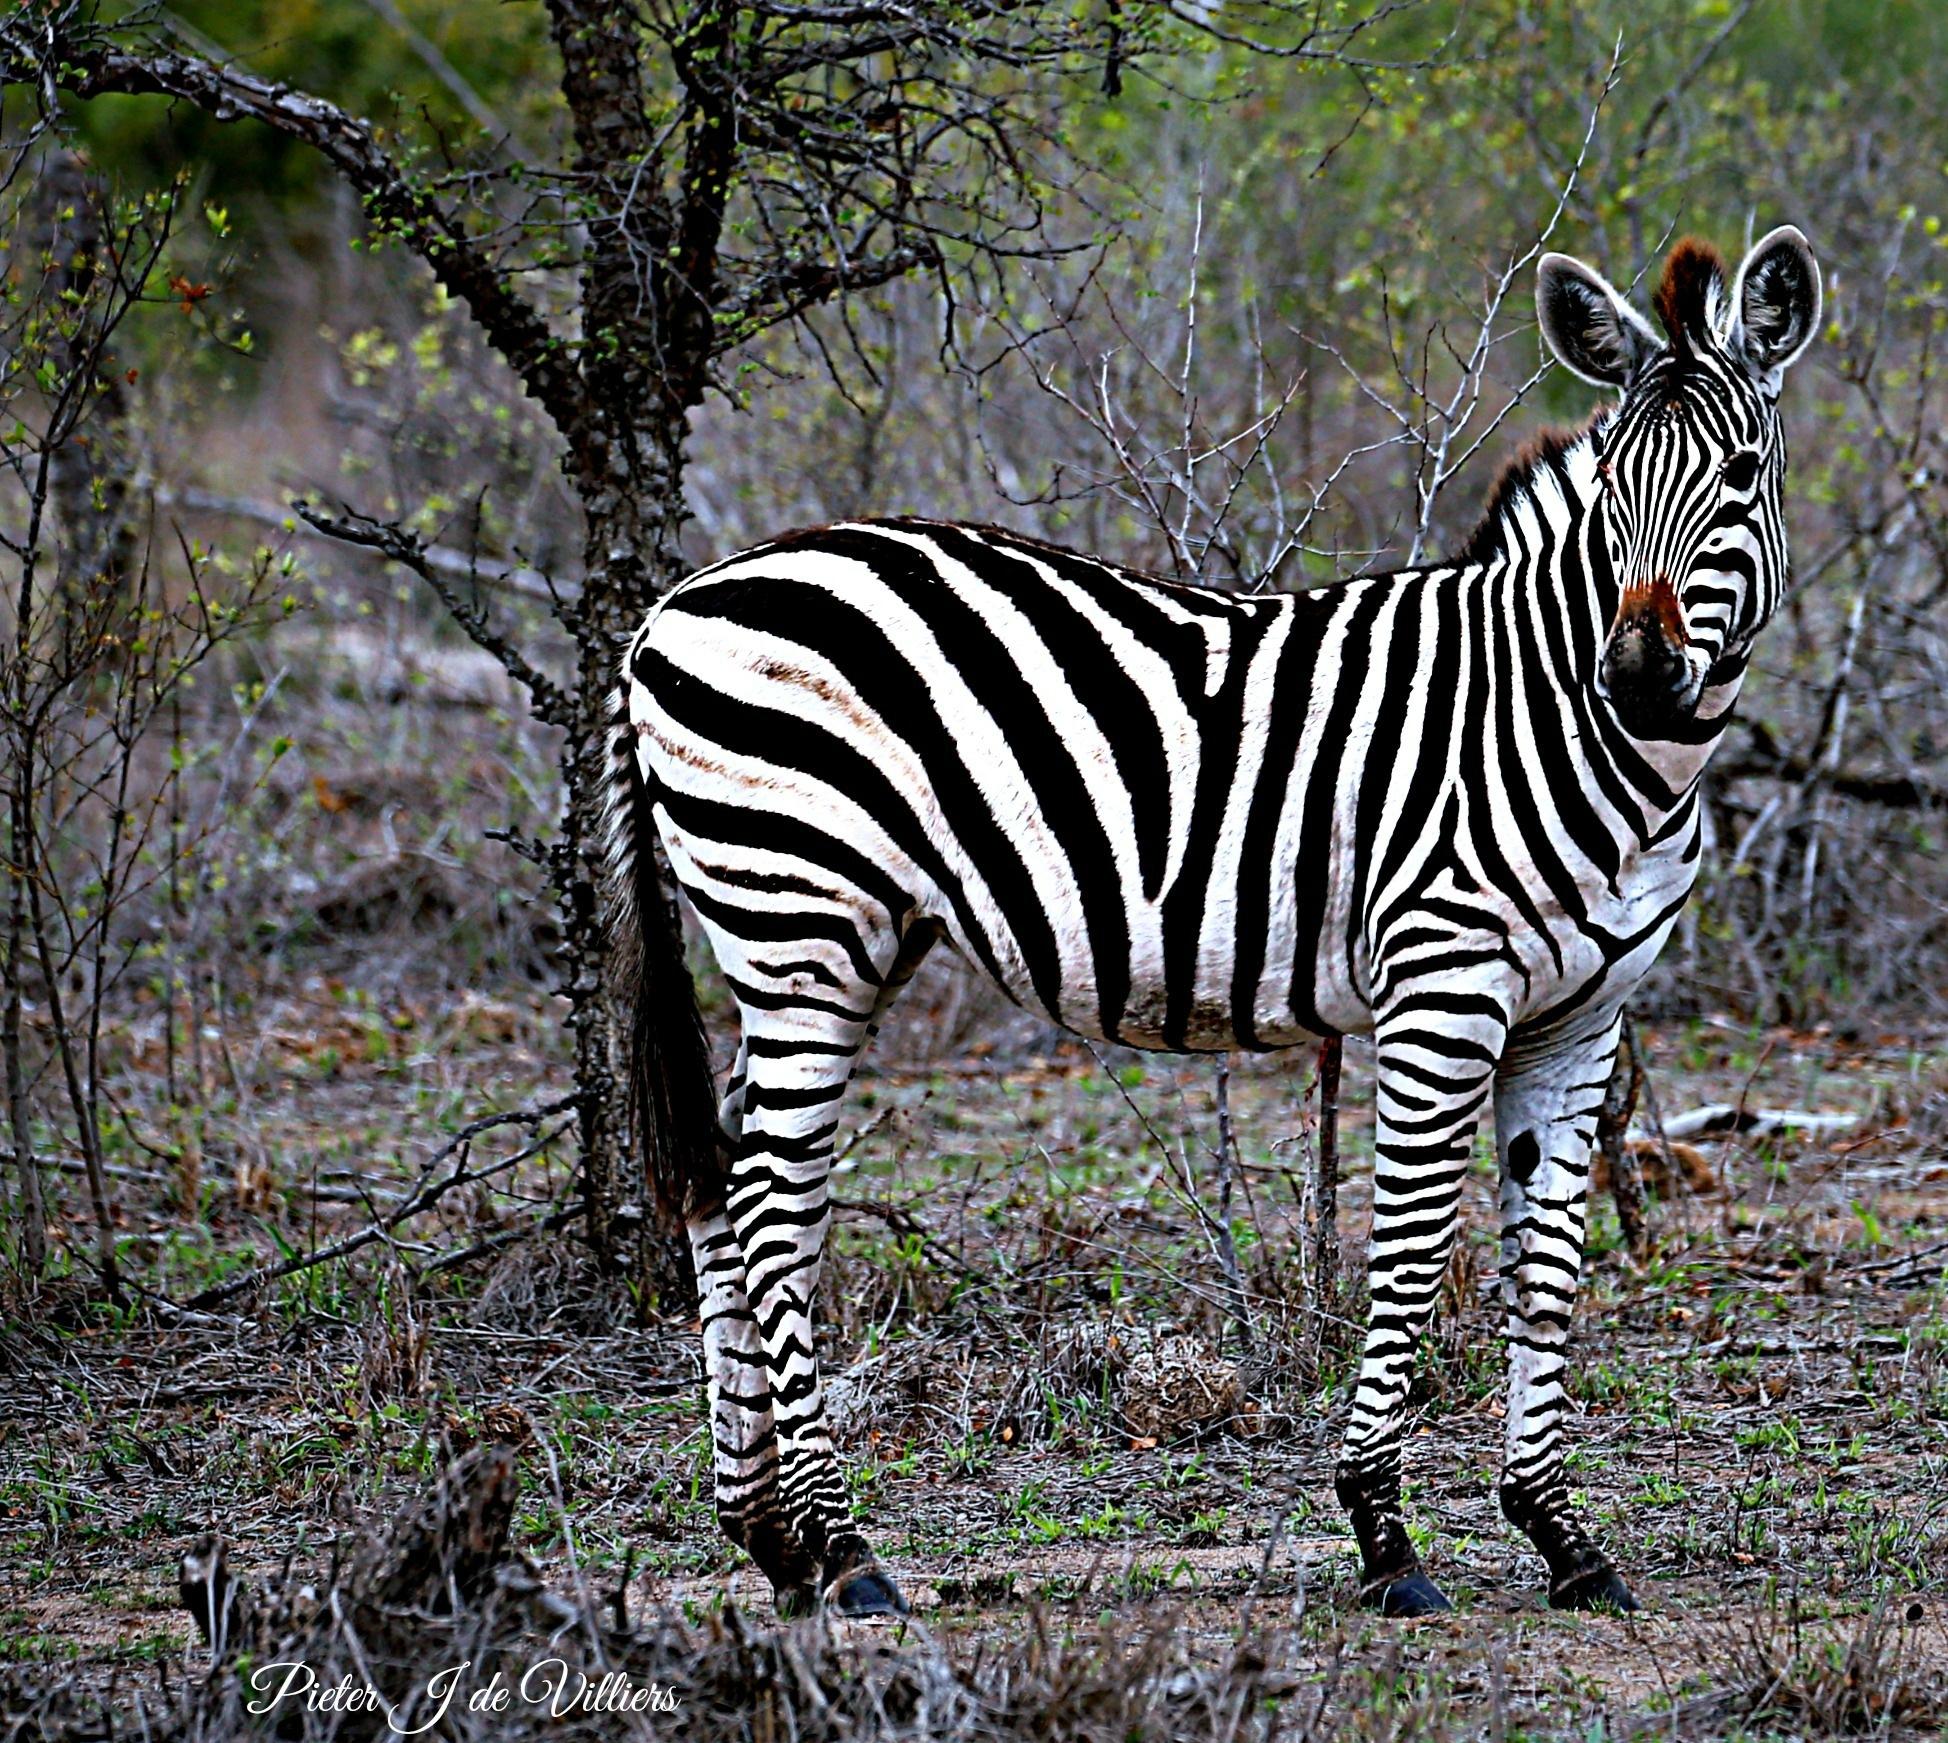 Zebra filly by Pieter J de Villiers